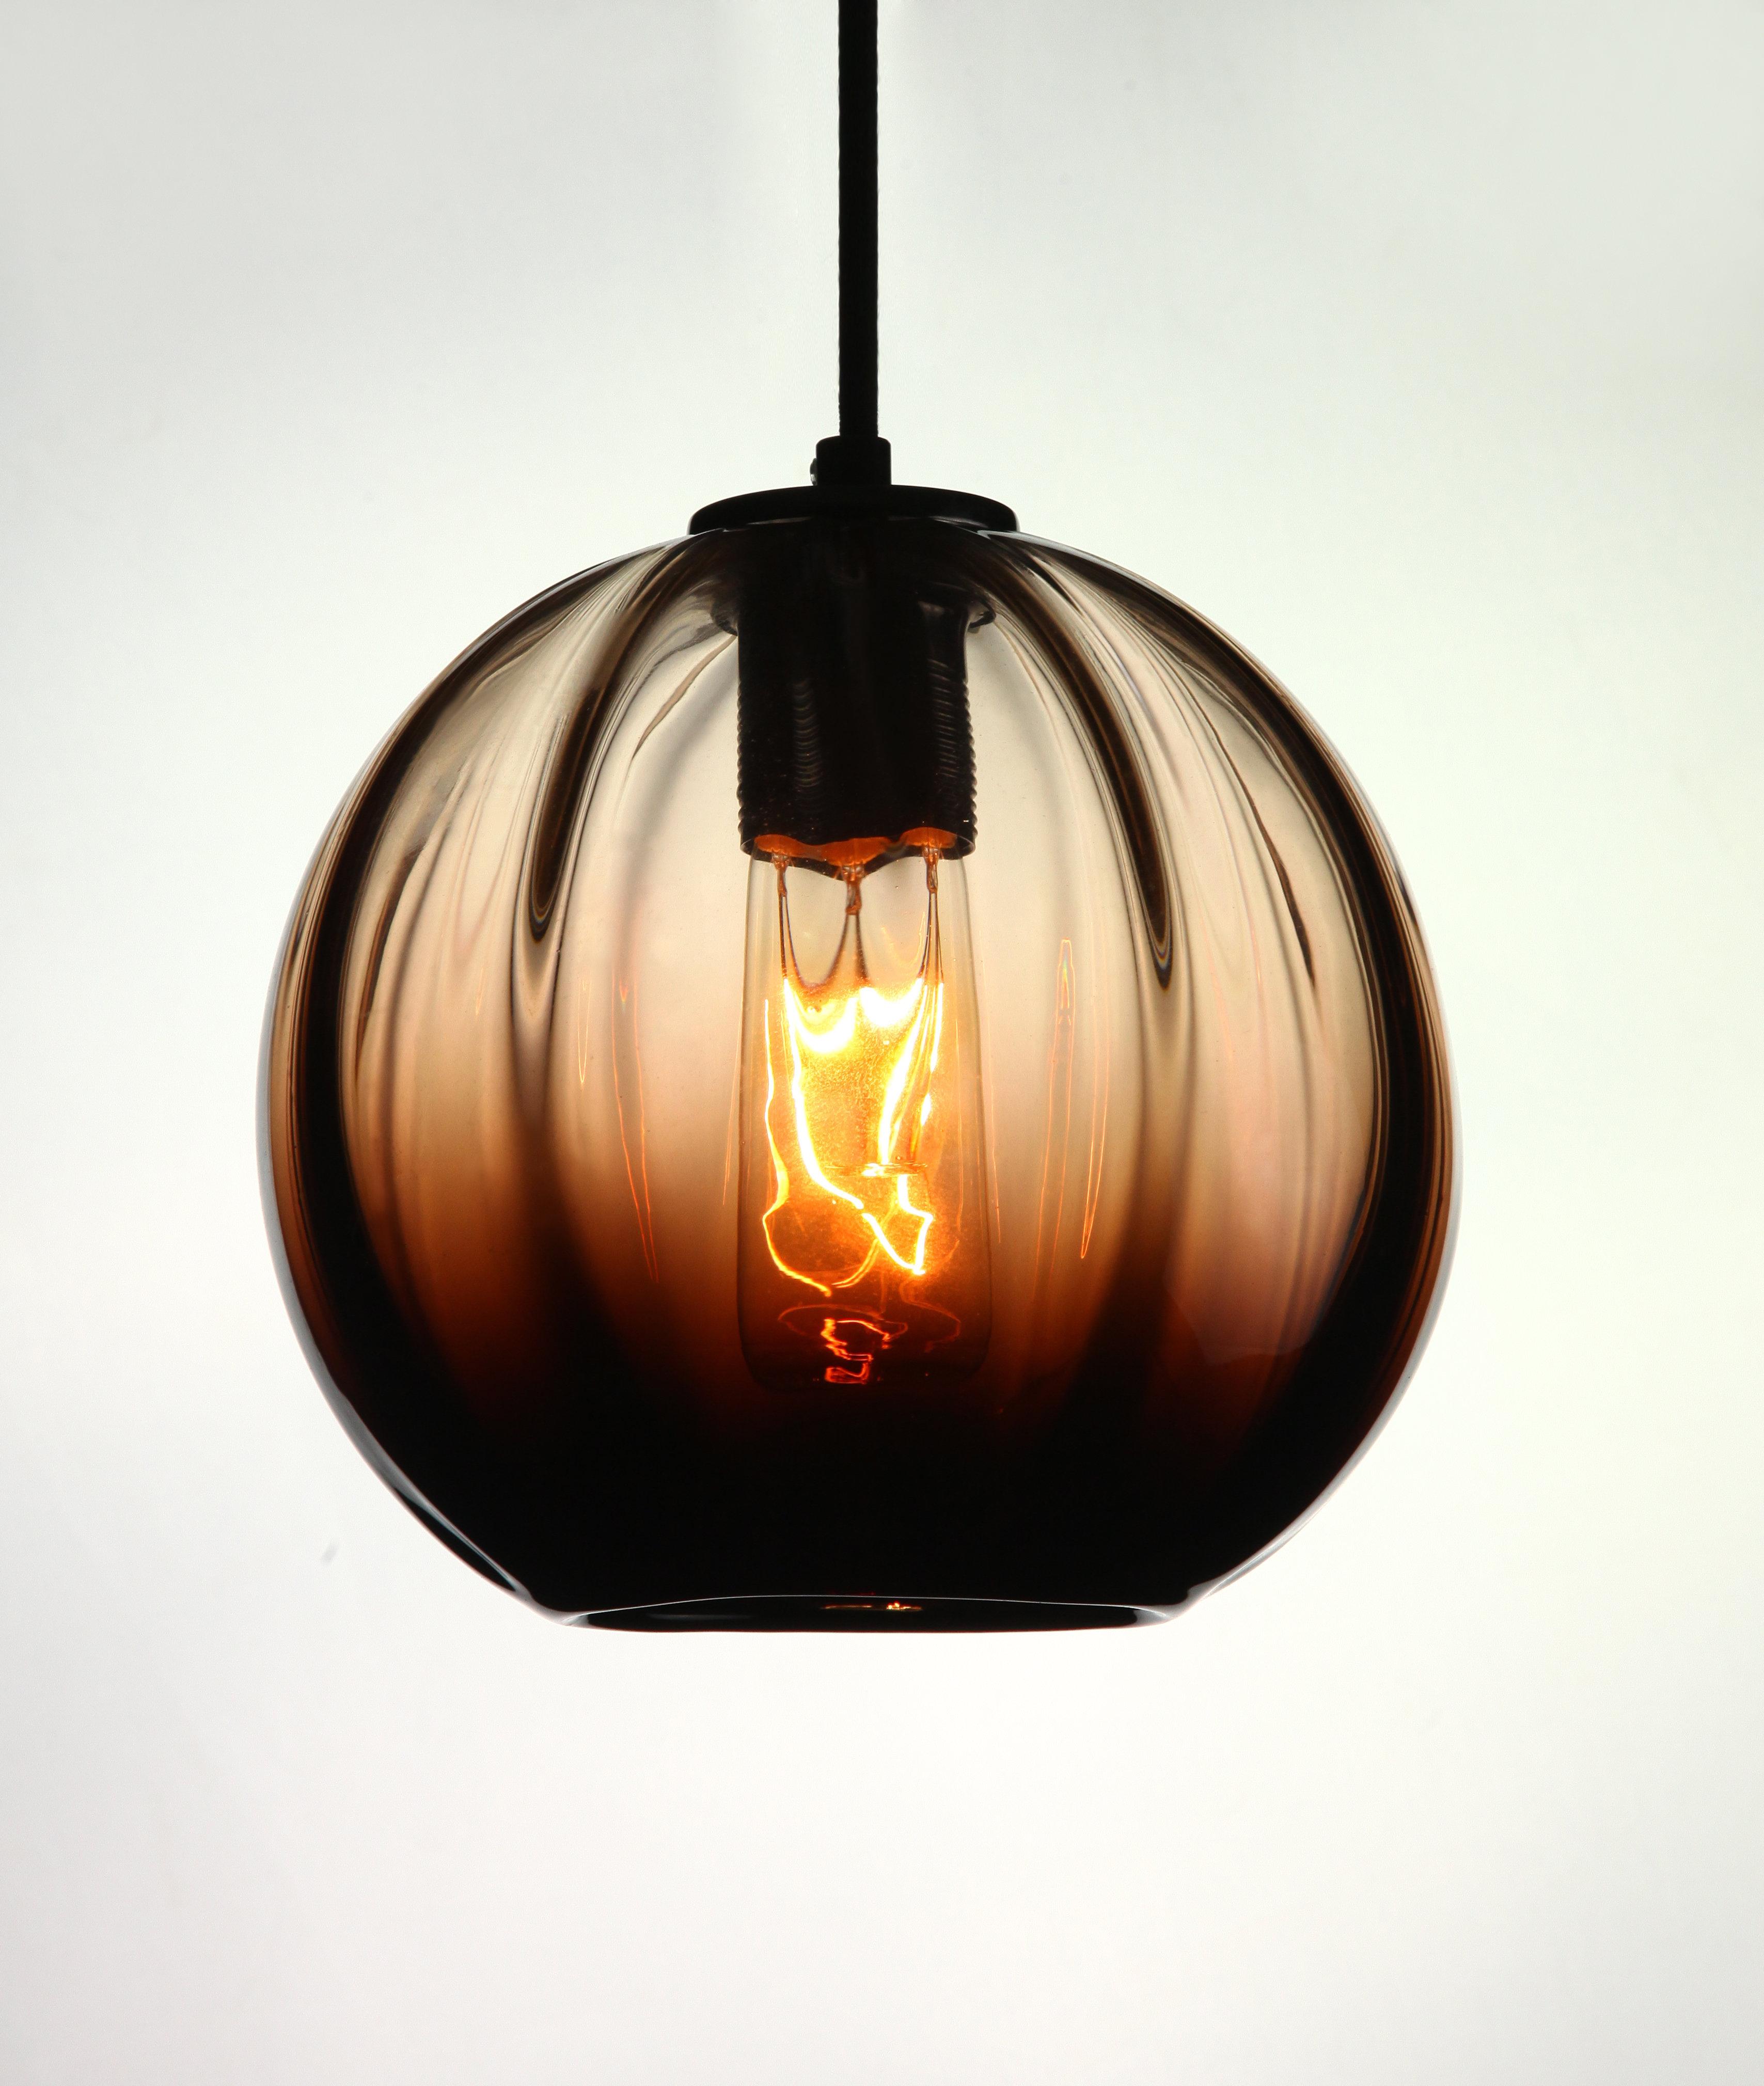 Vintage Pulley Lighting   Wayfair (Image 30 of 30)